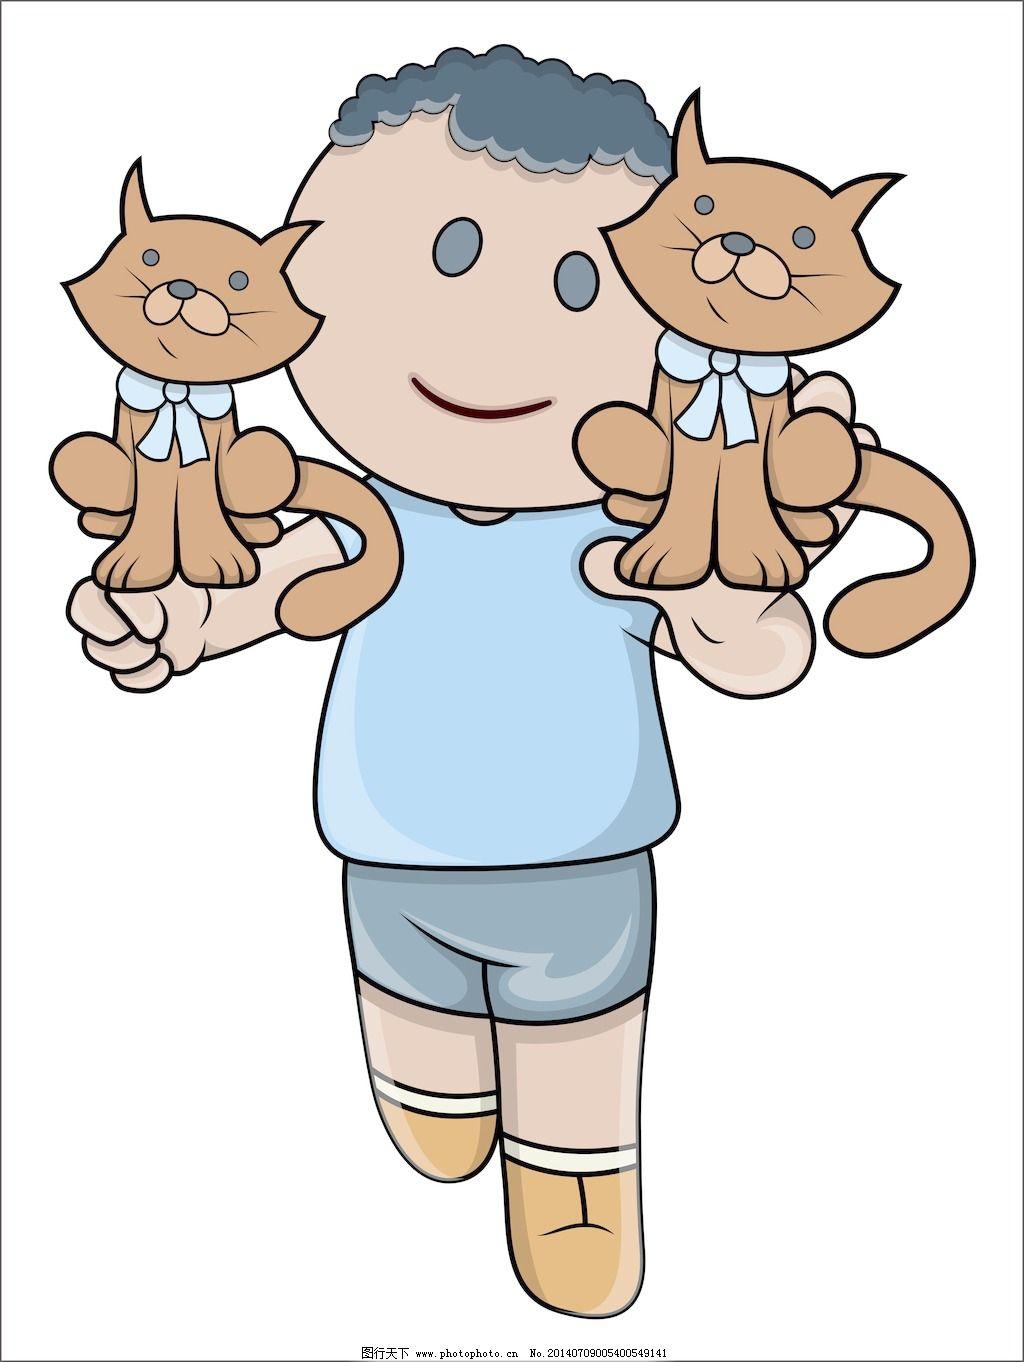 小孩玩的小猫卡通插画矢量